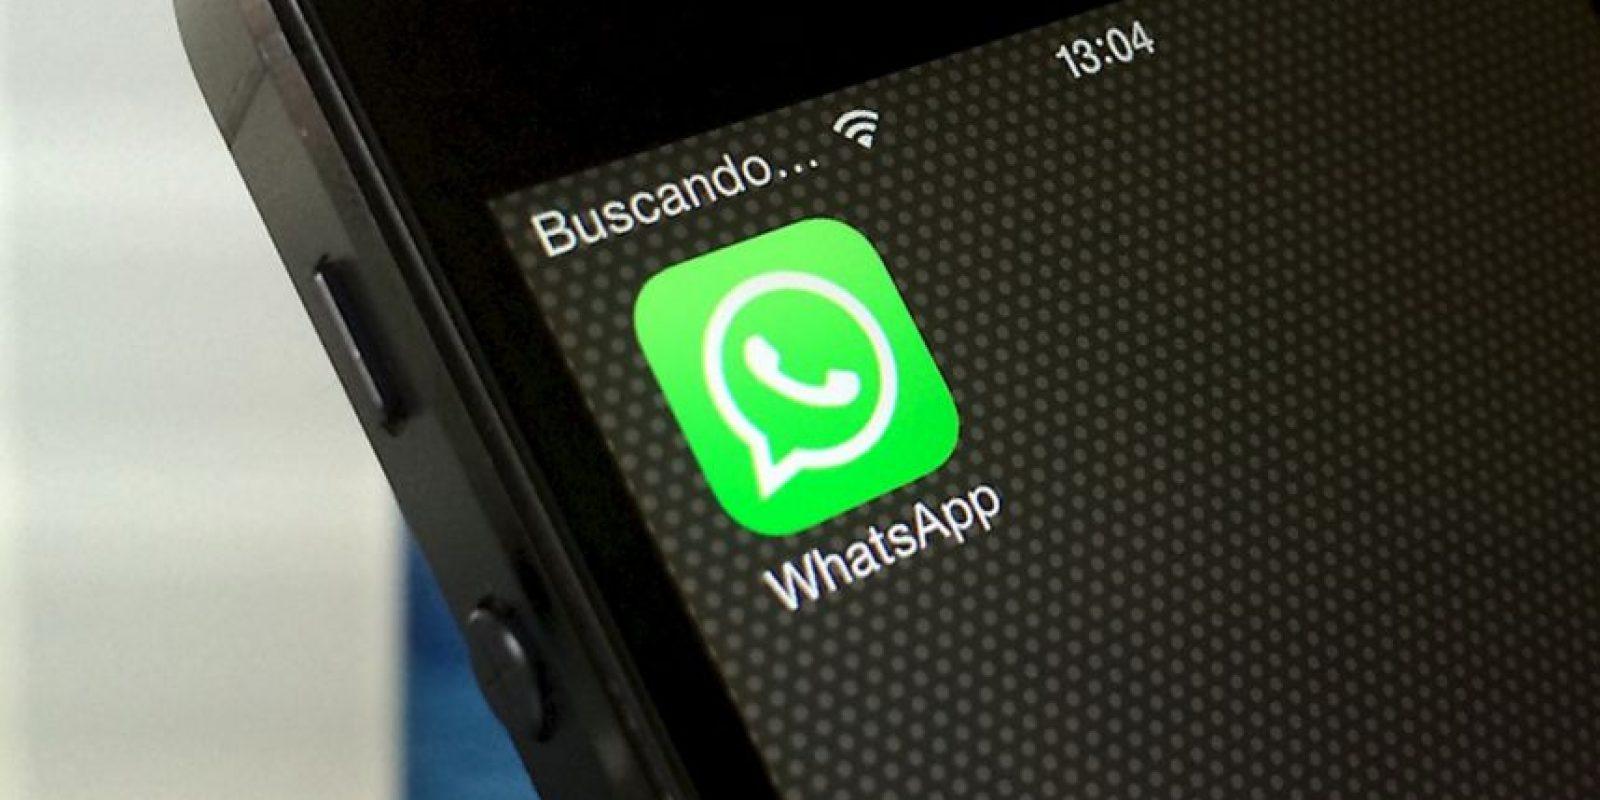 WhatsApp es la aplicación de mensajería instantánea más popular de la actualidad. Foto:Vía Tumblr.com. Imagen Por: